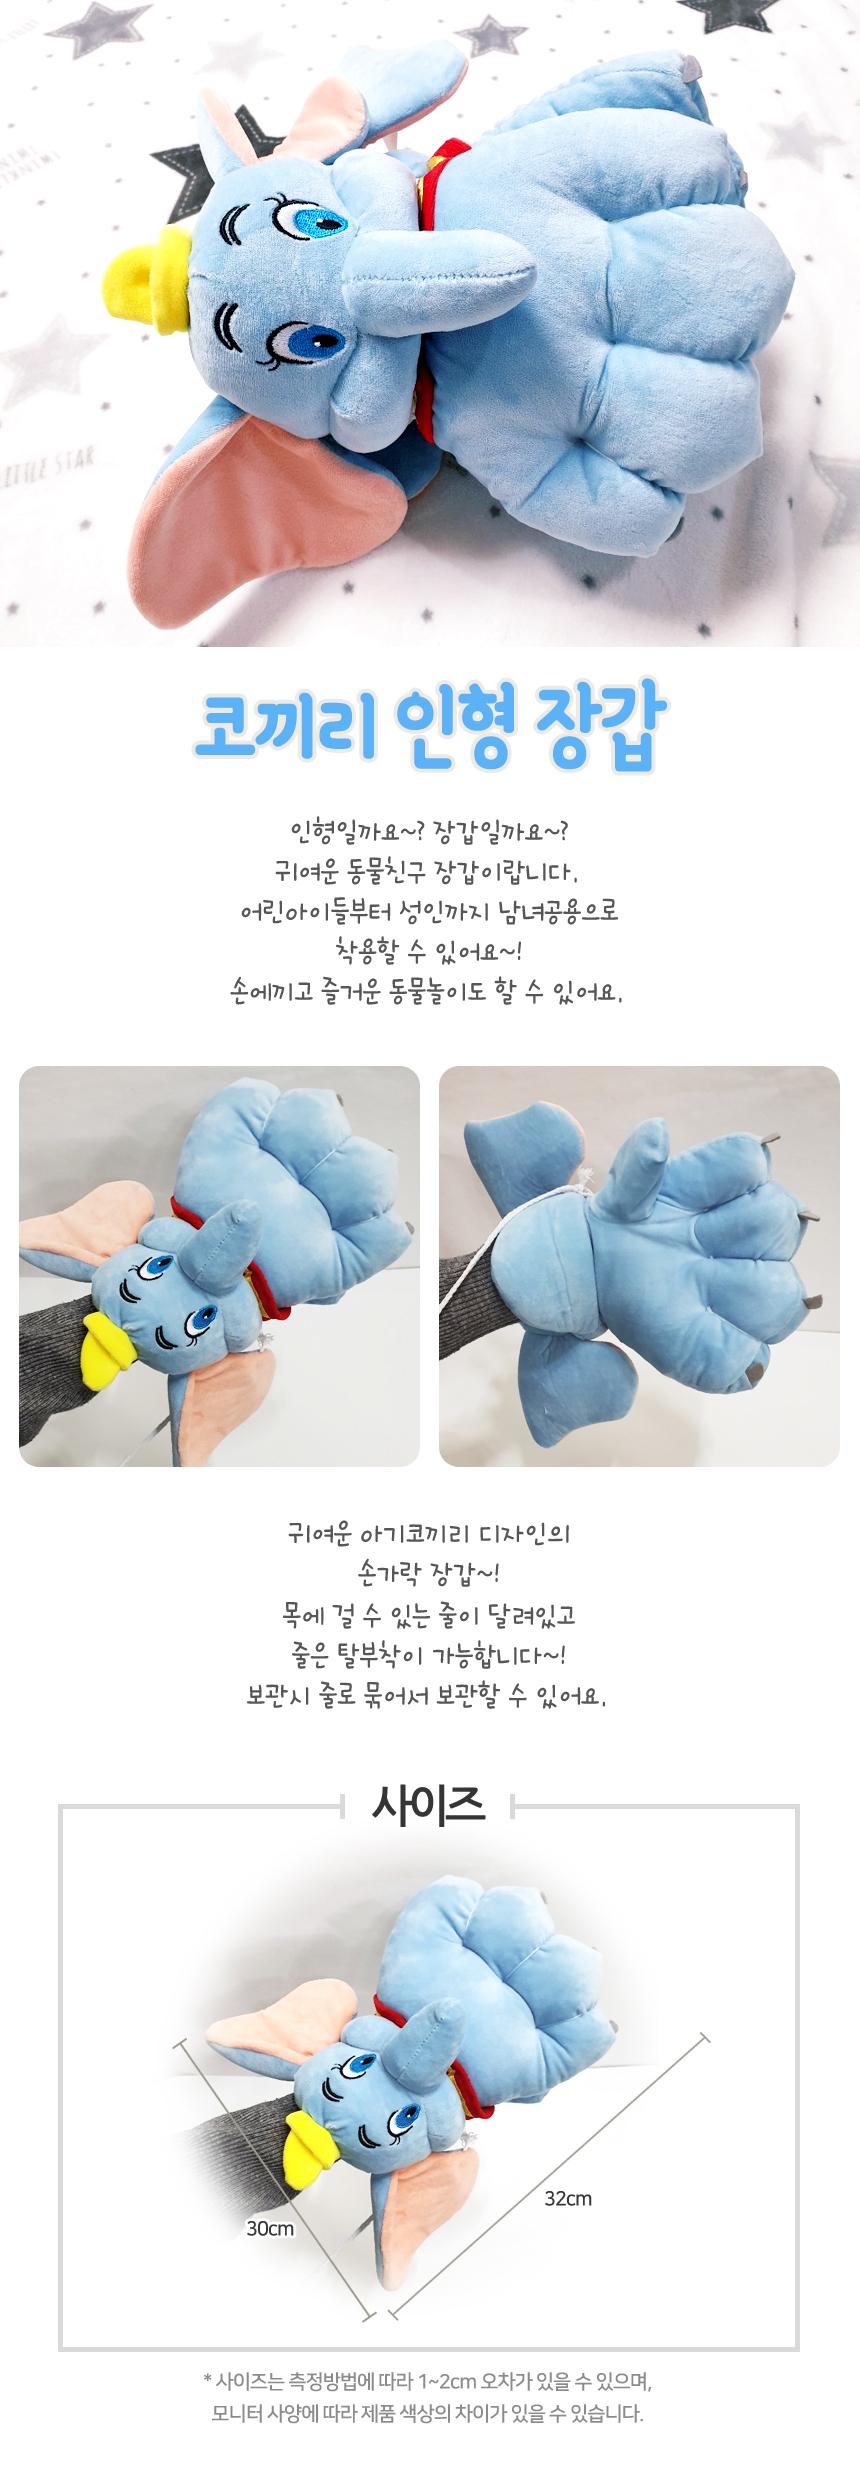 ele_glove.jpg